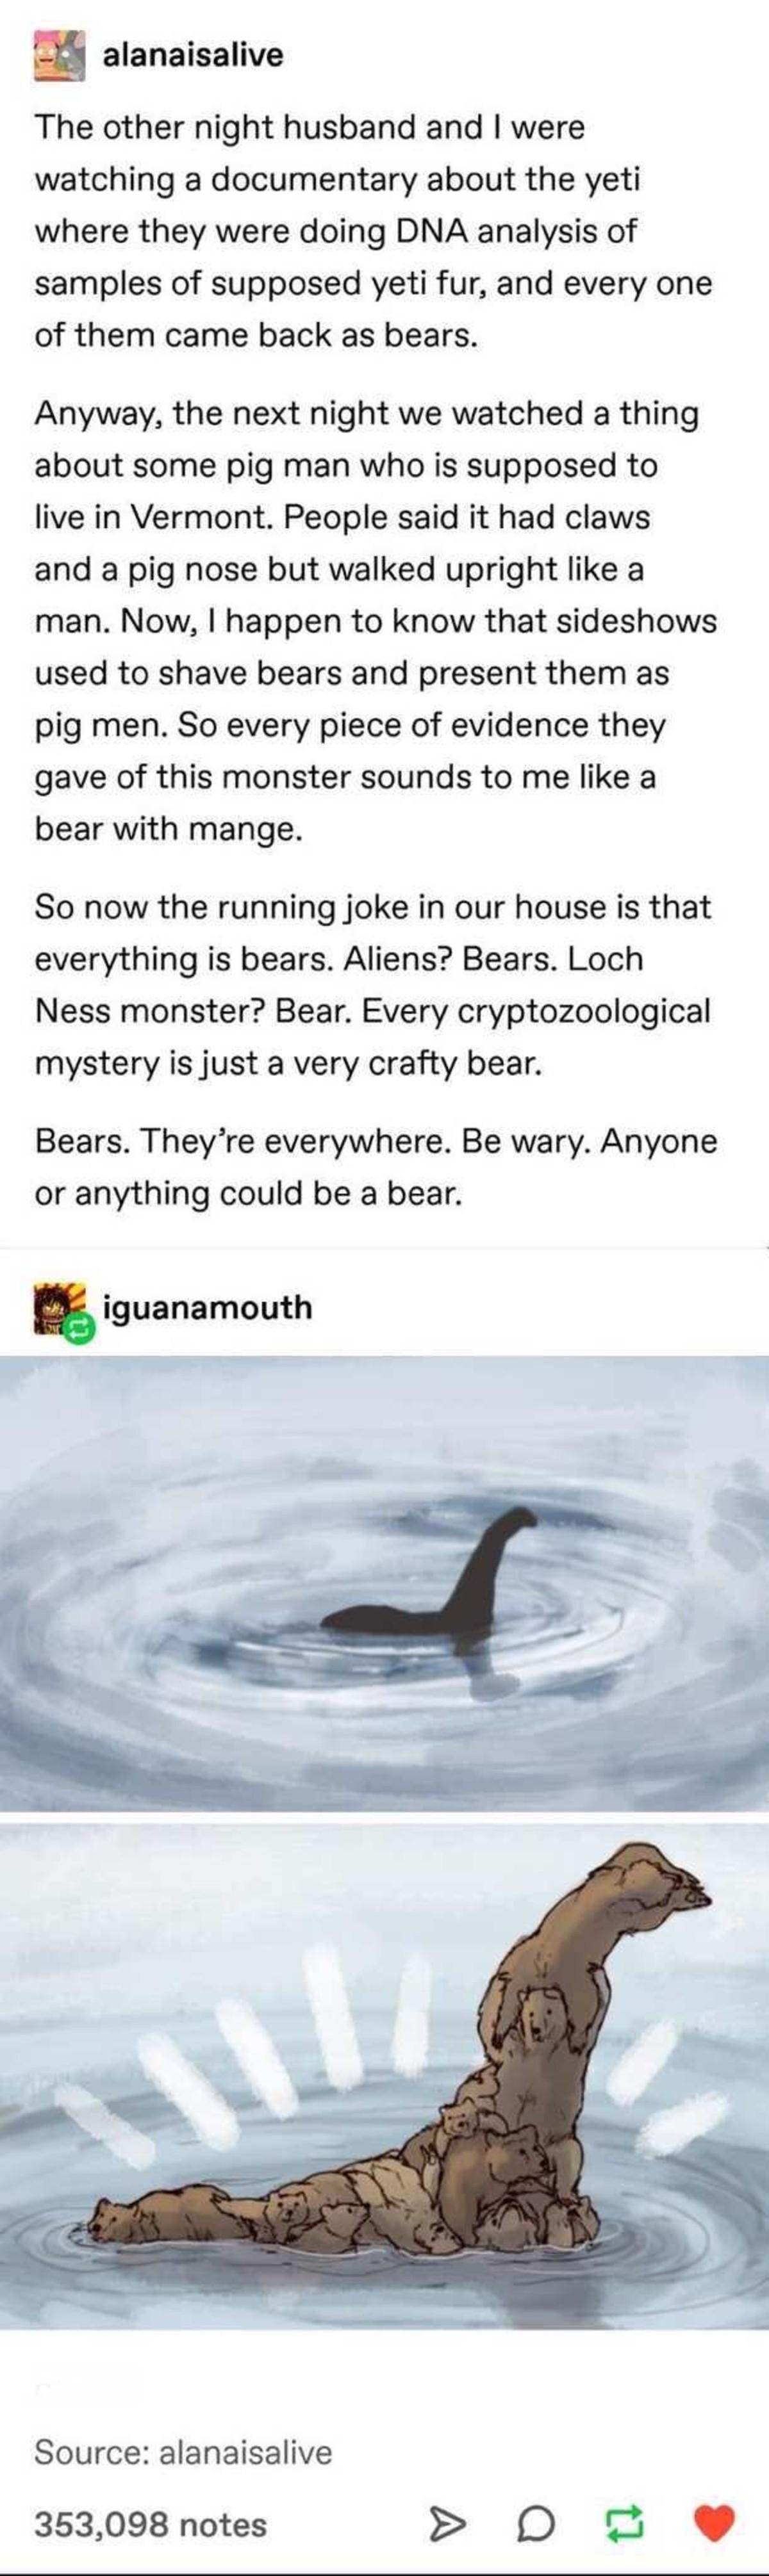 alike conscious innocent Bear. .. A shaved bear, for your curiosity.